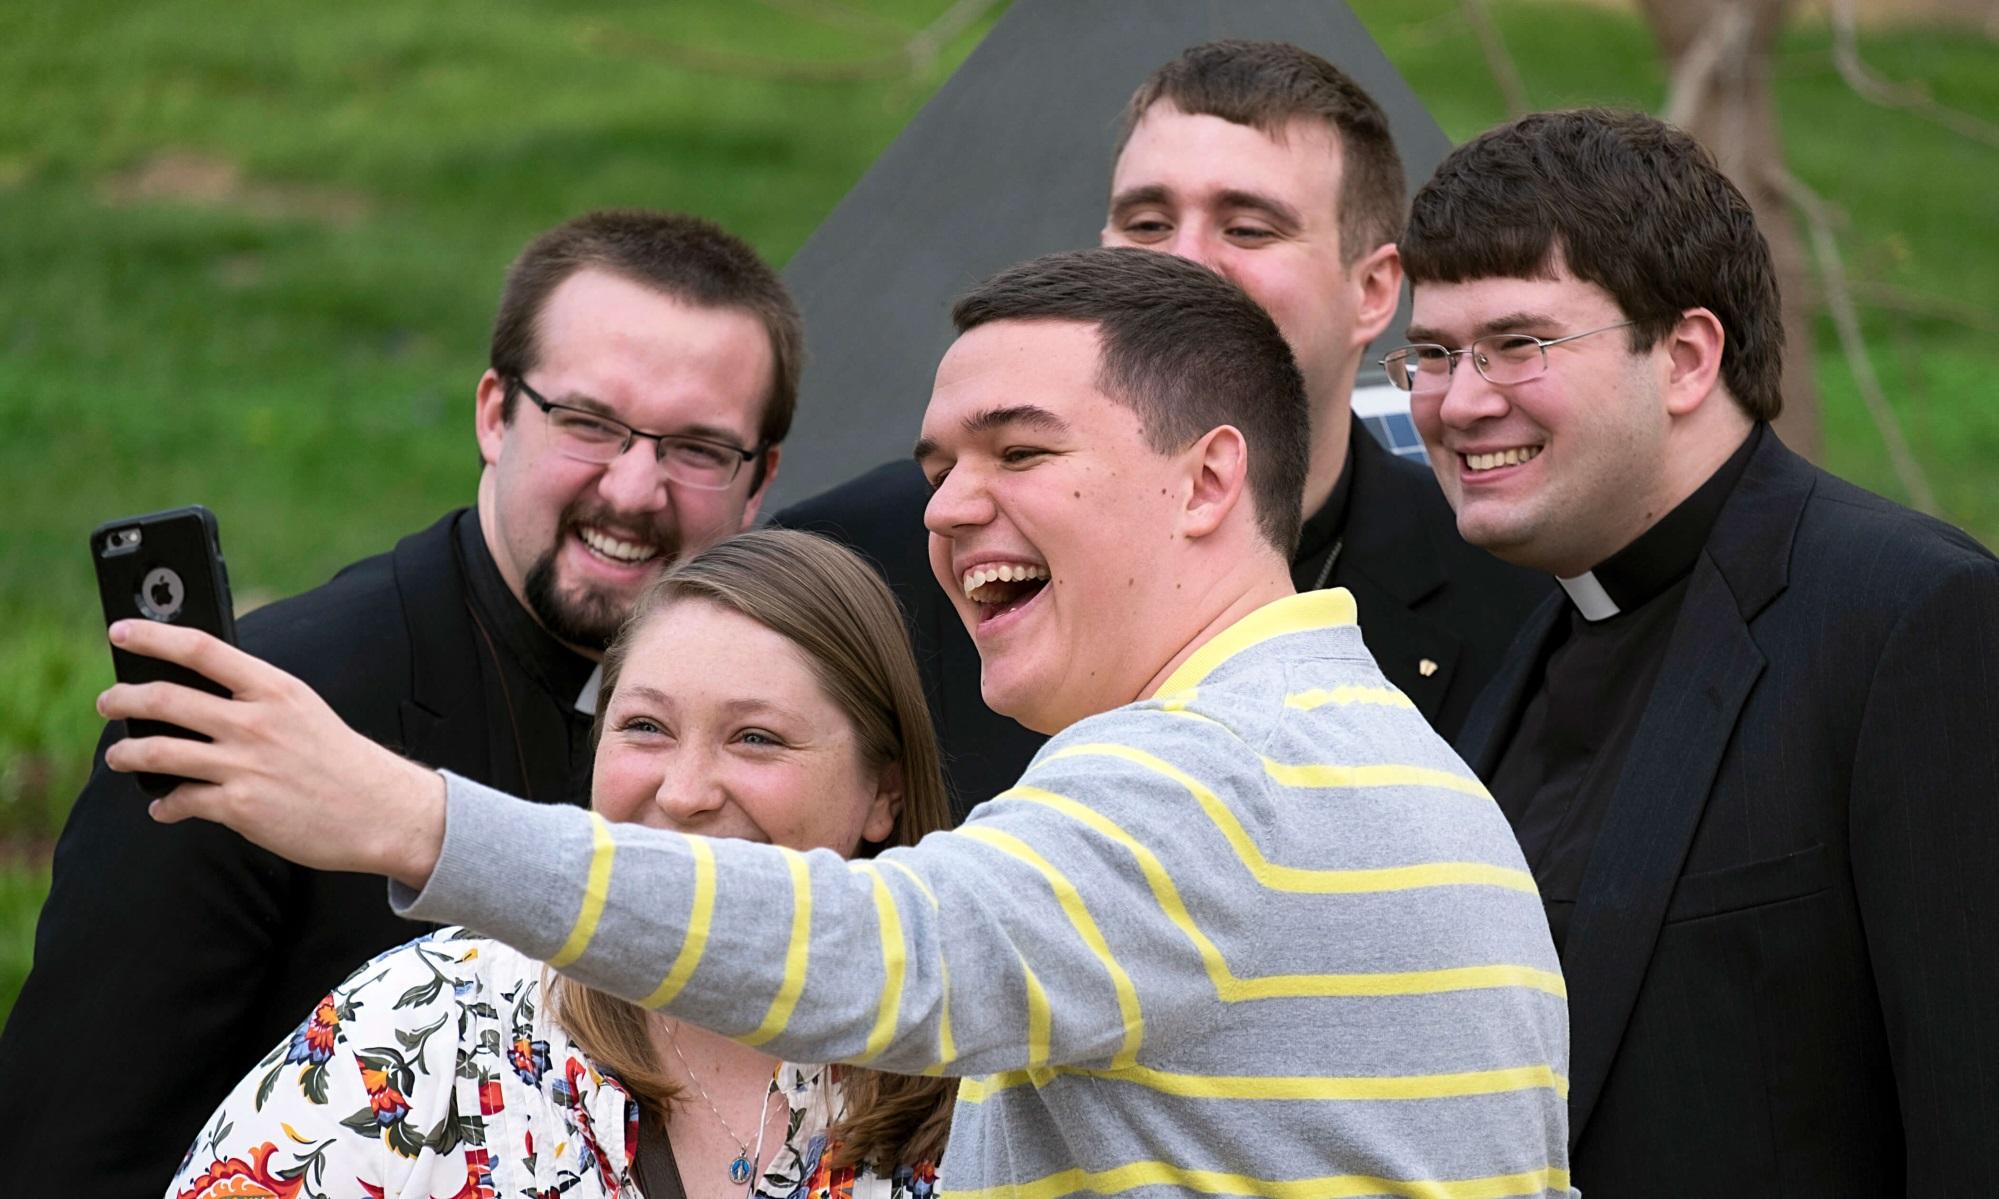 CUAA alumni receive calls to serve as pastors